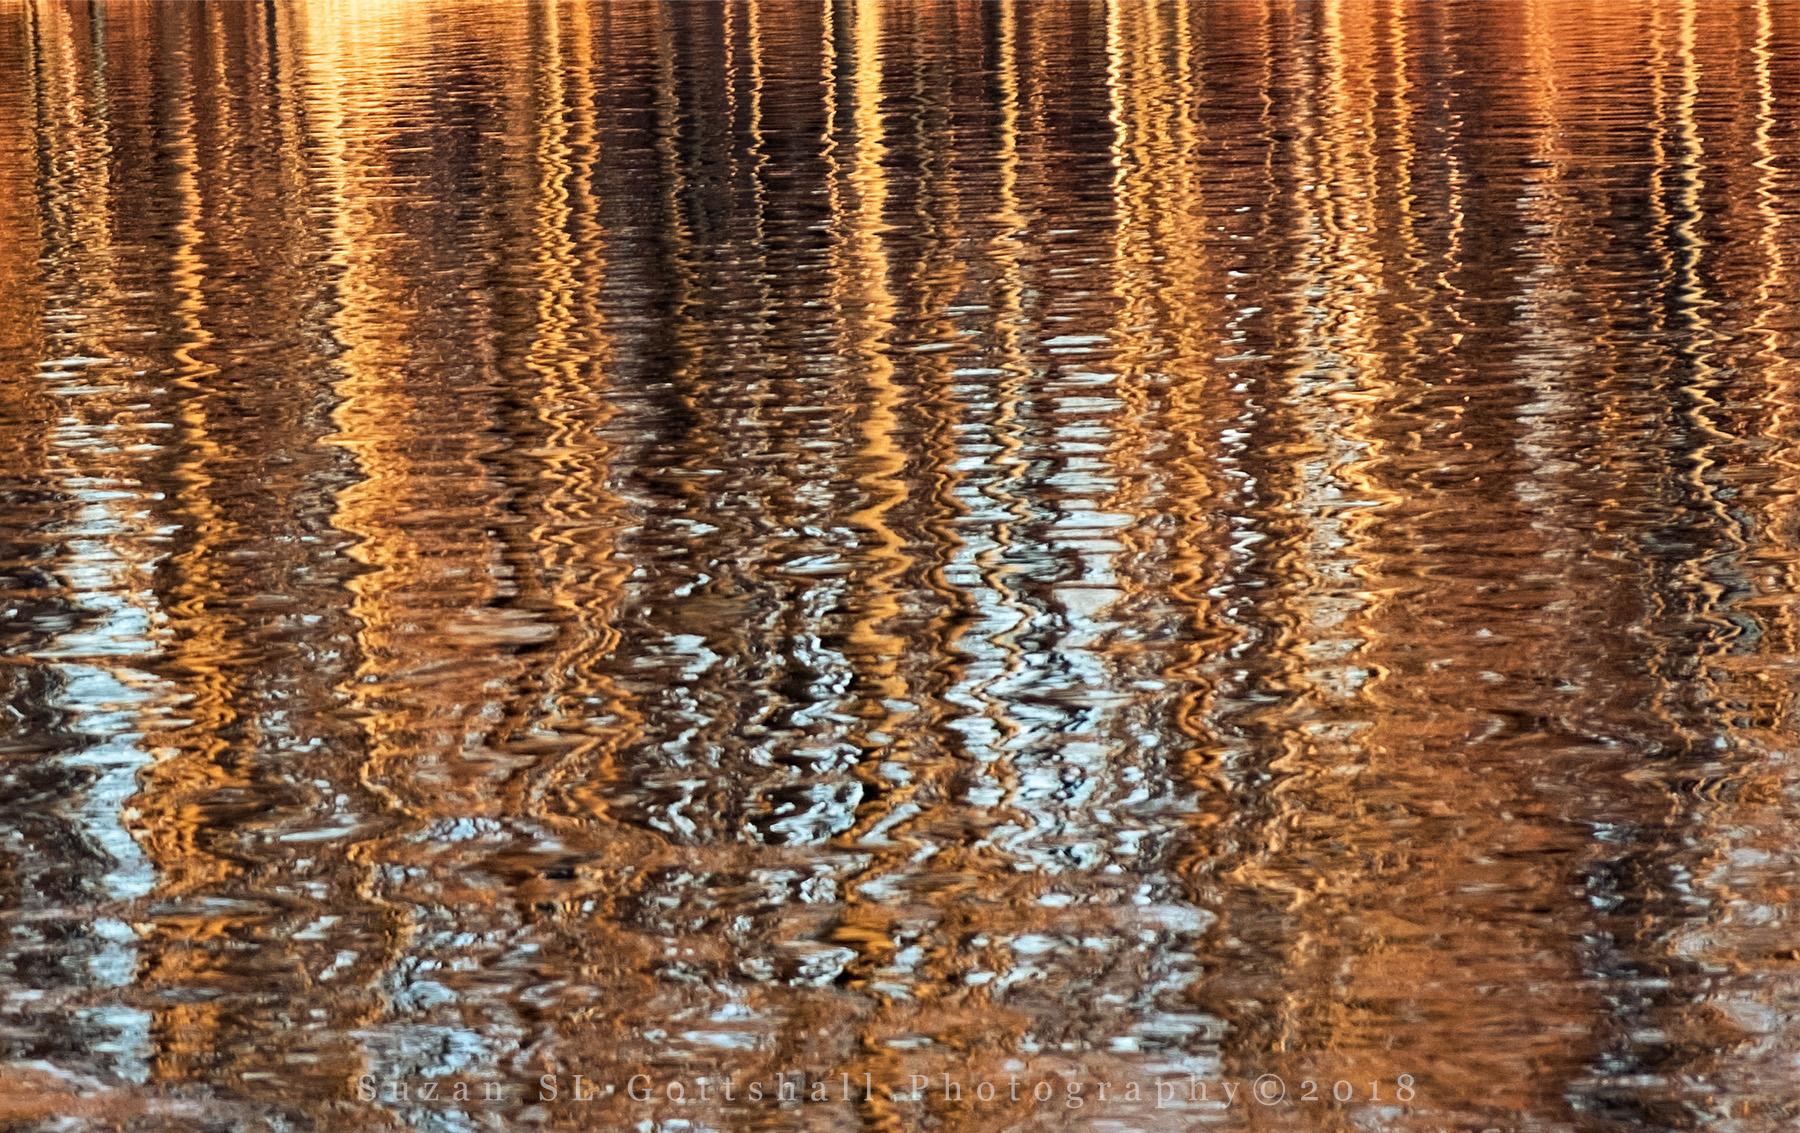 ws_sunset_overthe_lake_reflection_suzanslgottshall_970.jpg